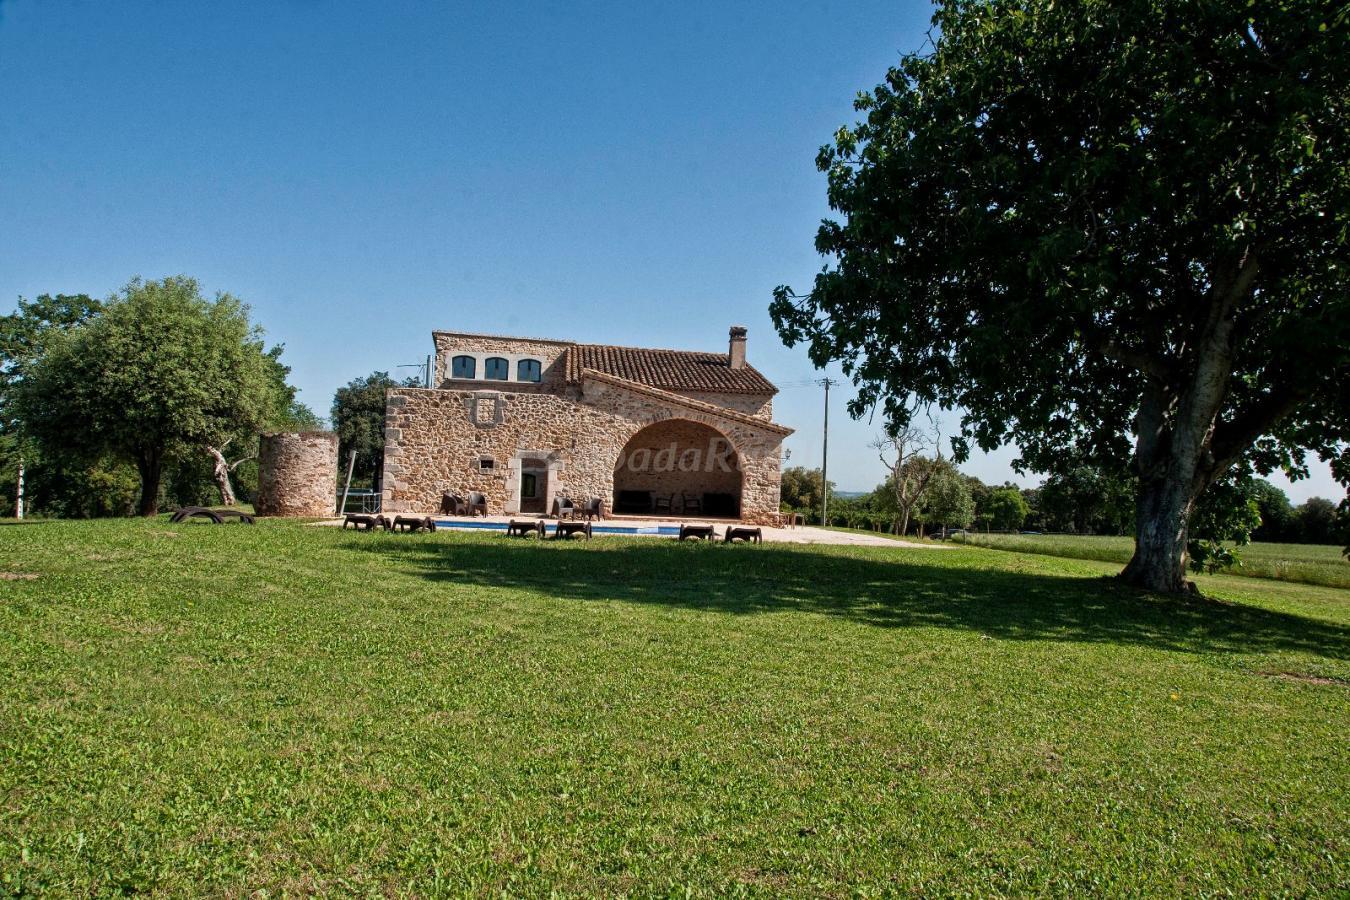 Fotos de mas trobat casa rural en jui girona - Mas trobat casa rural ...